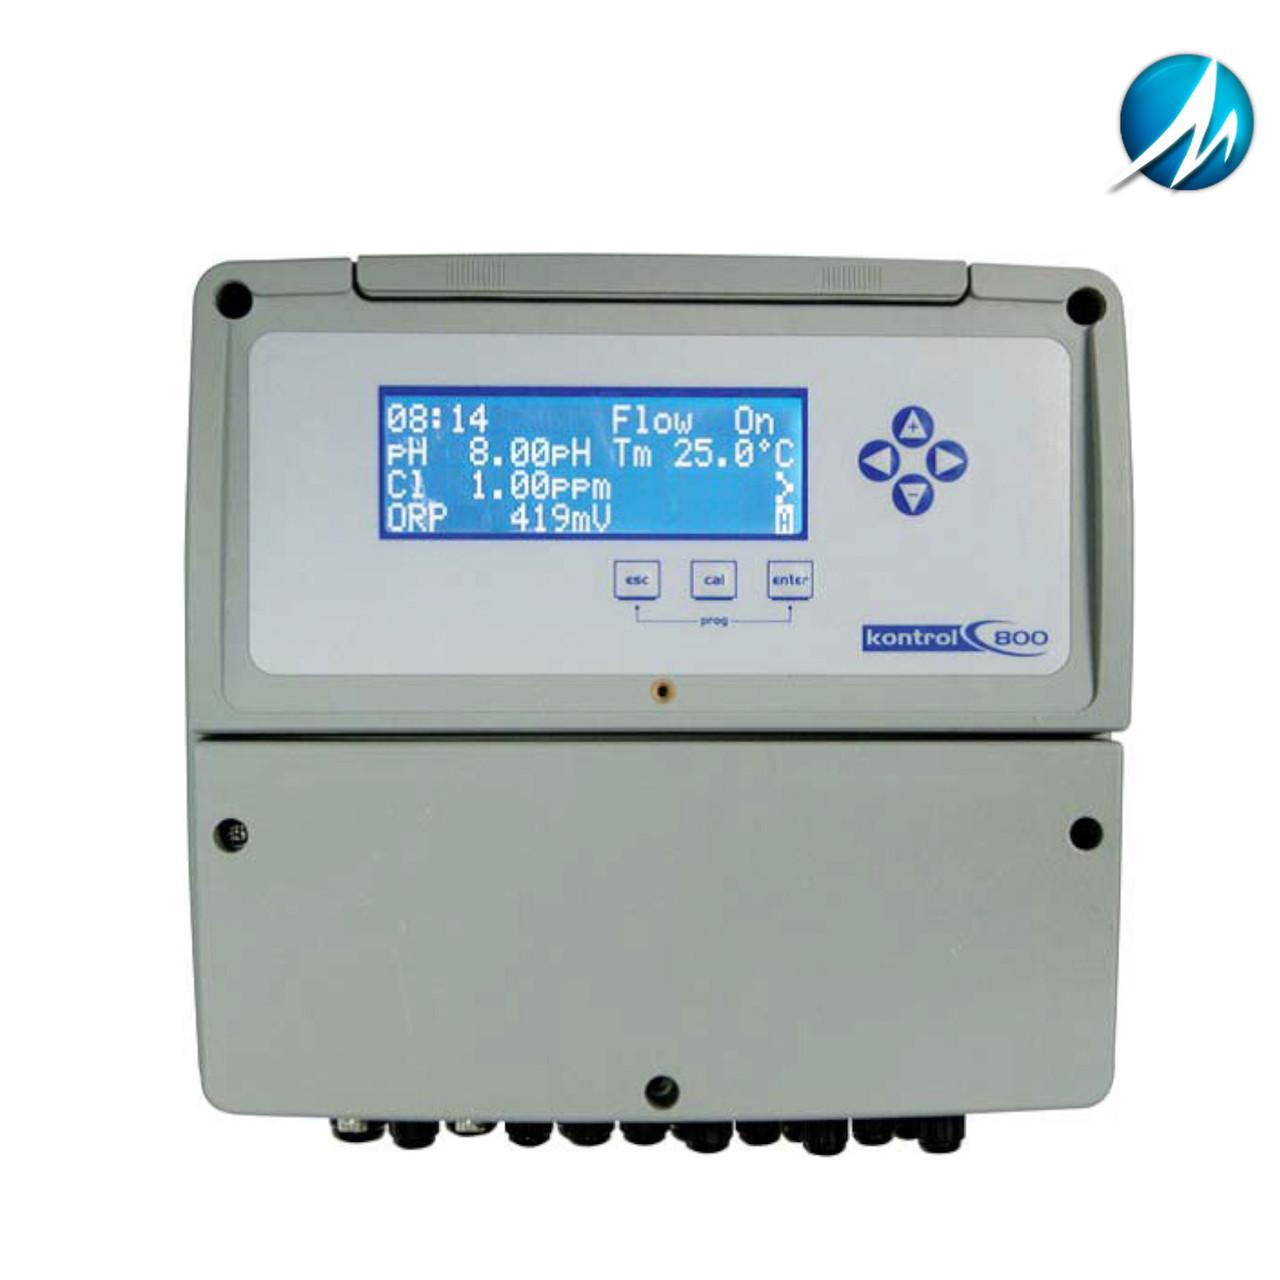 Вимірювально-дозувальна станція SEKO KONTROL PR 800 PH/RX, без насосів